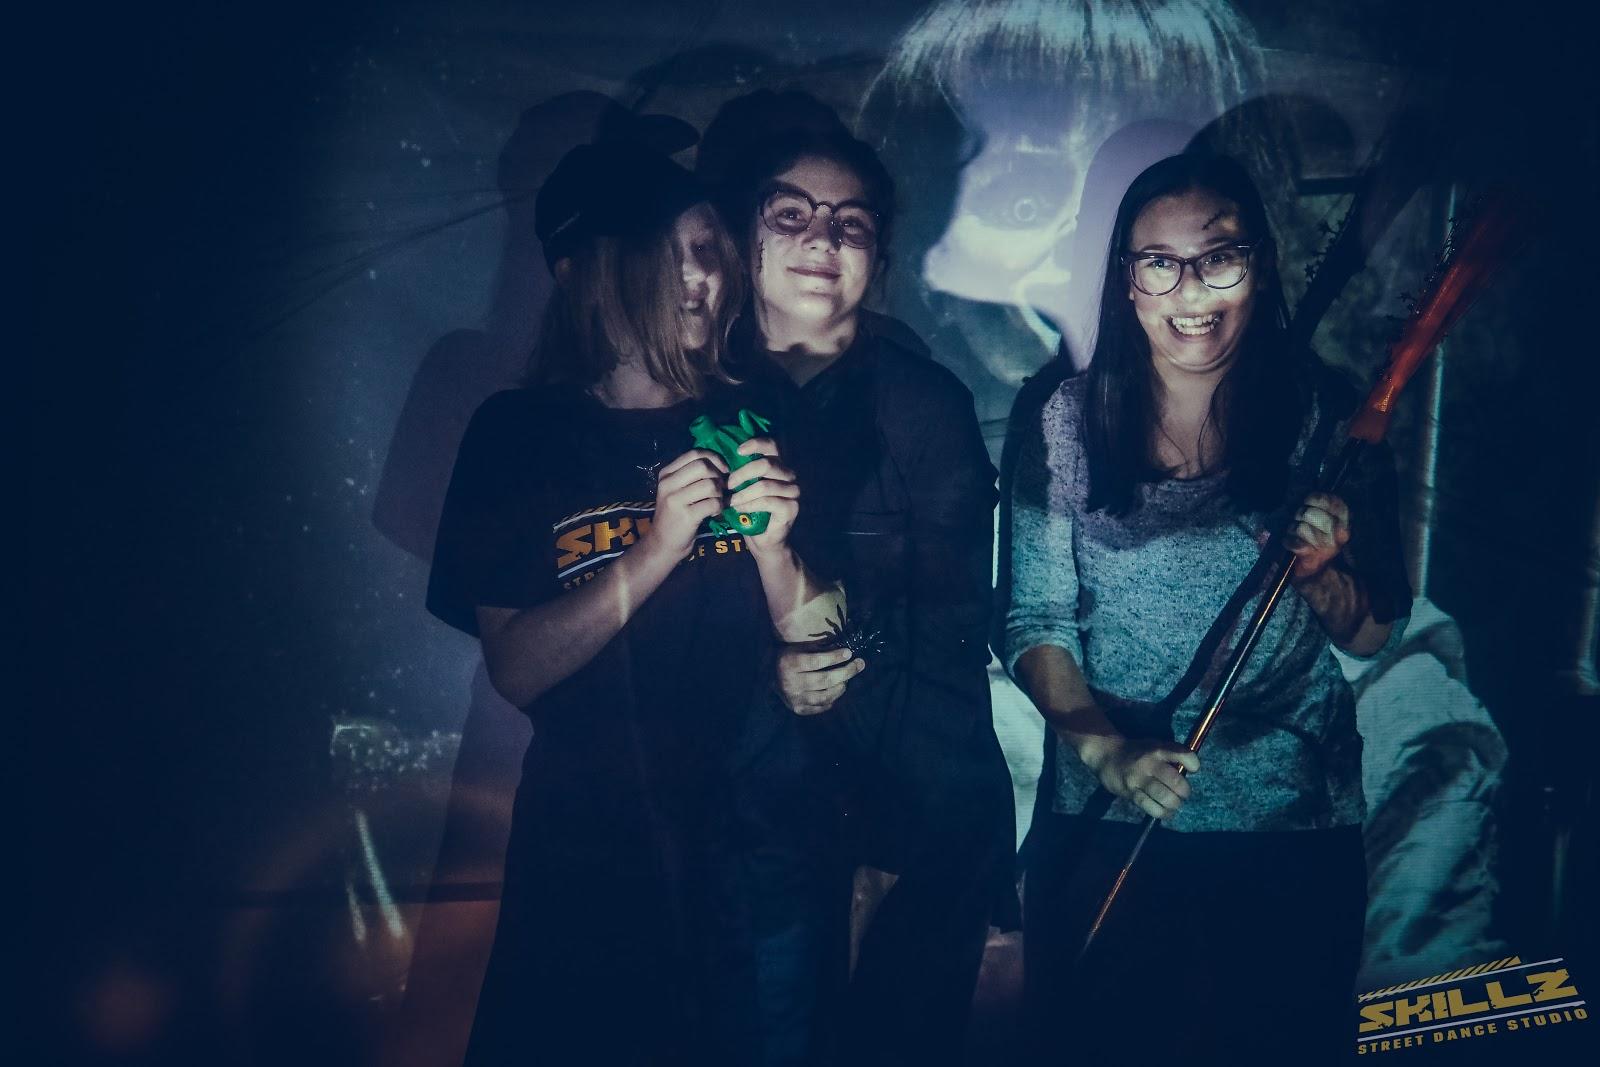 Naujikų krikštynos @SKILLZ (Halloween tema) - PANA1523.jpg